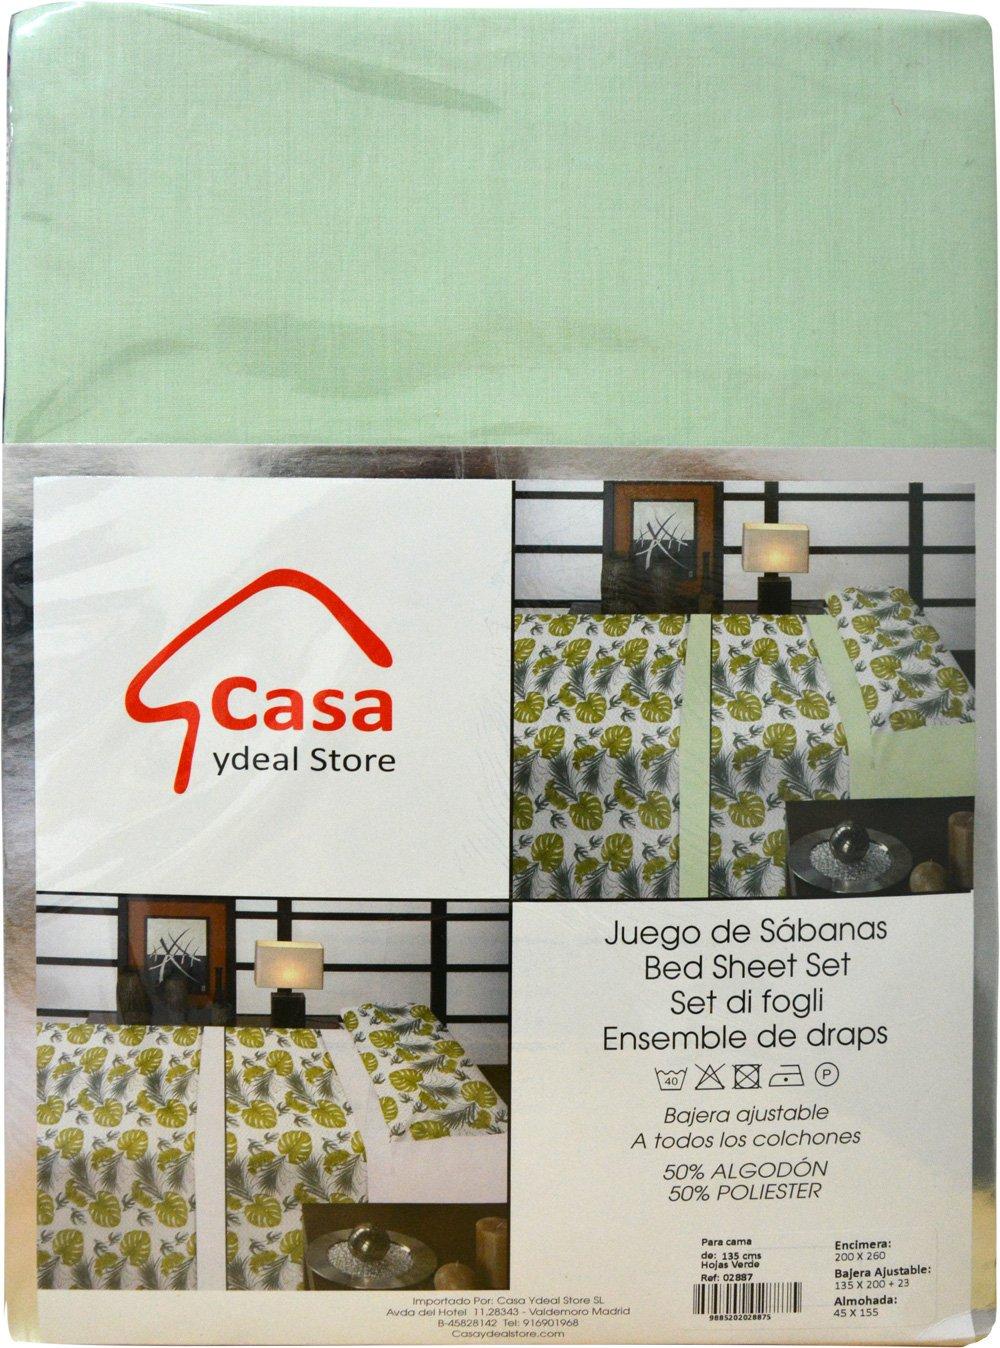 Casa Ydeal Store Juego de Sábanas Hojas de Palma Acuarela 50% algodón 50% poliéster (150cm, Verde): Amazon.es: Hogar